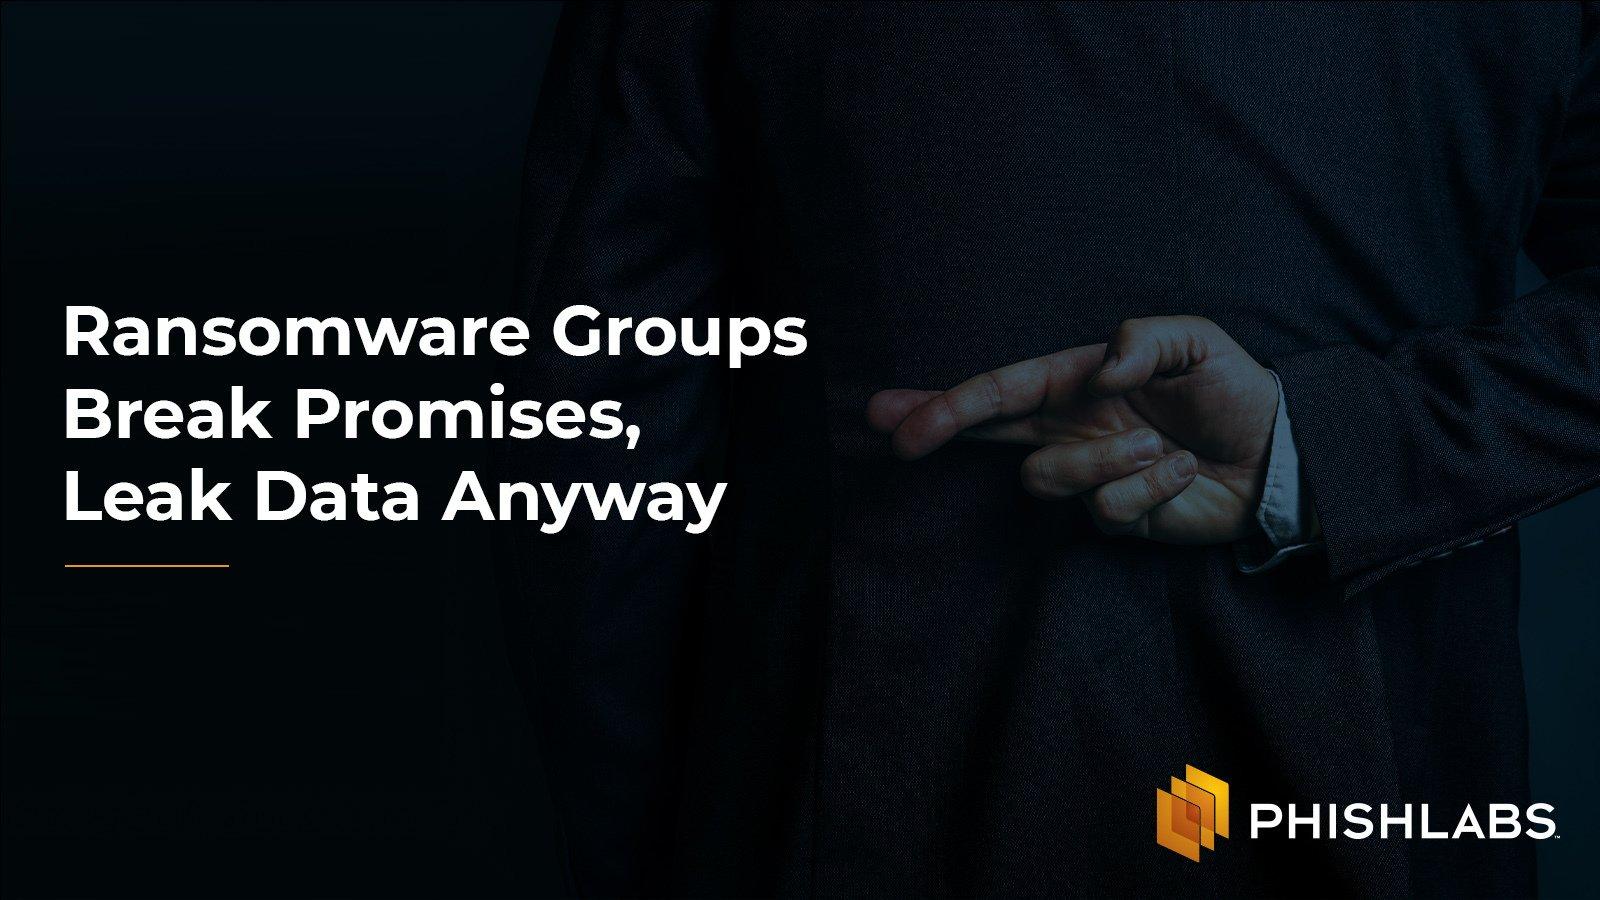 Ransomware Groups Break Promises, Leak Data Anyway